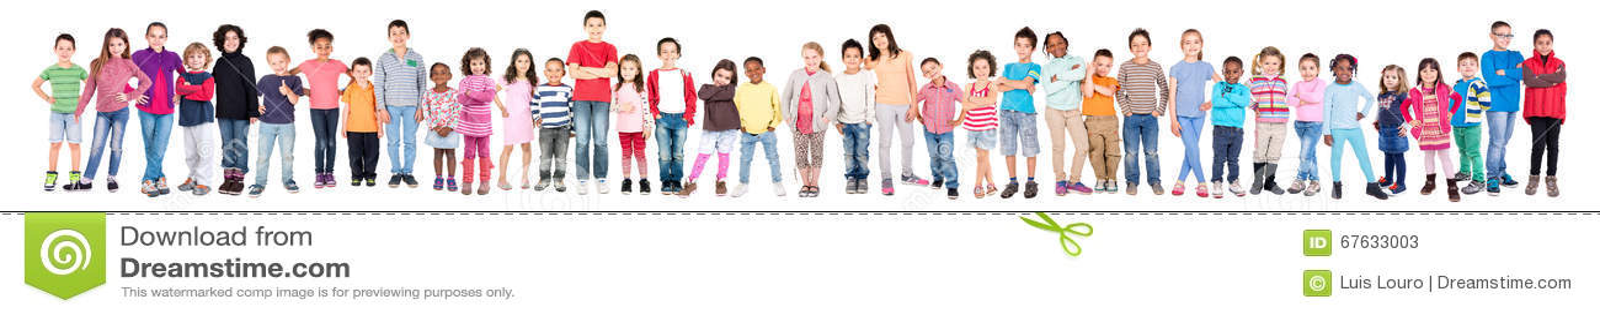 Grupo de niños